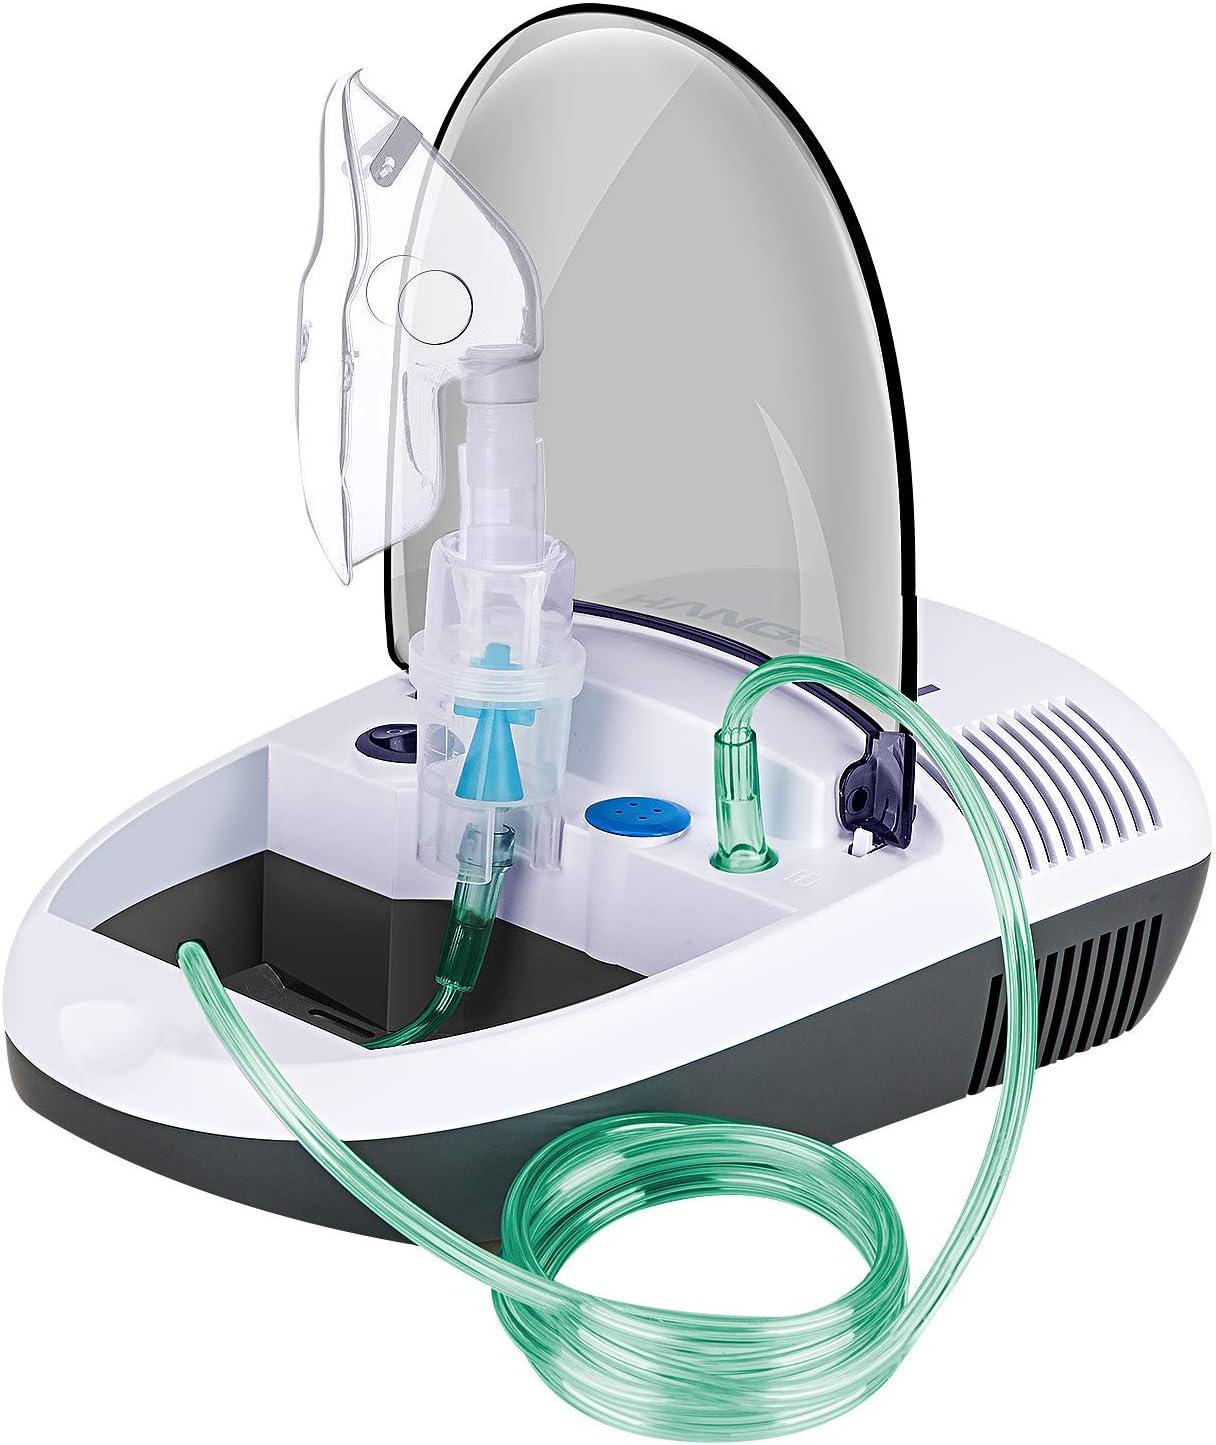 Hangsun Inhalador Nebulizador Electrico CN680 Compresor Bebe Adulto Para Inhalación De Medicamentos Líquidos